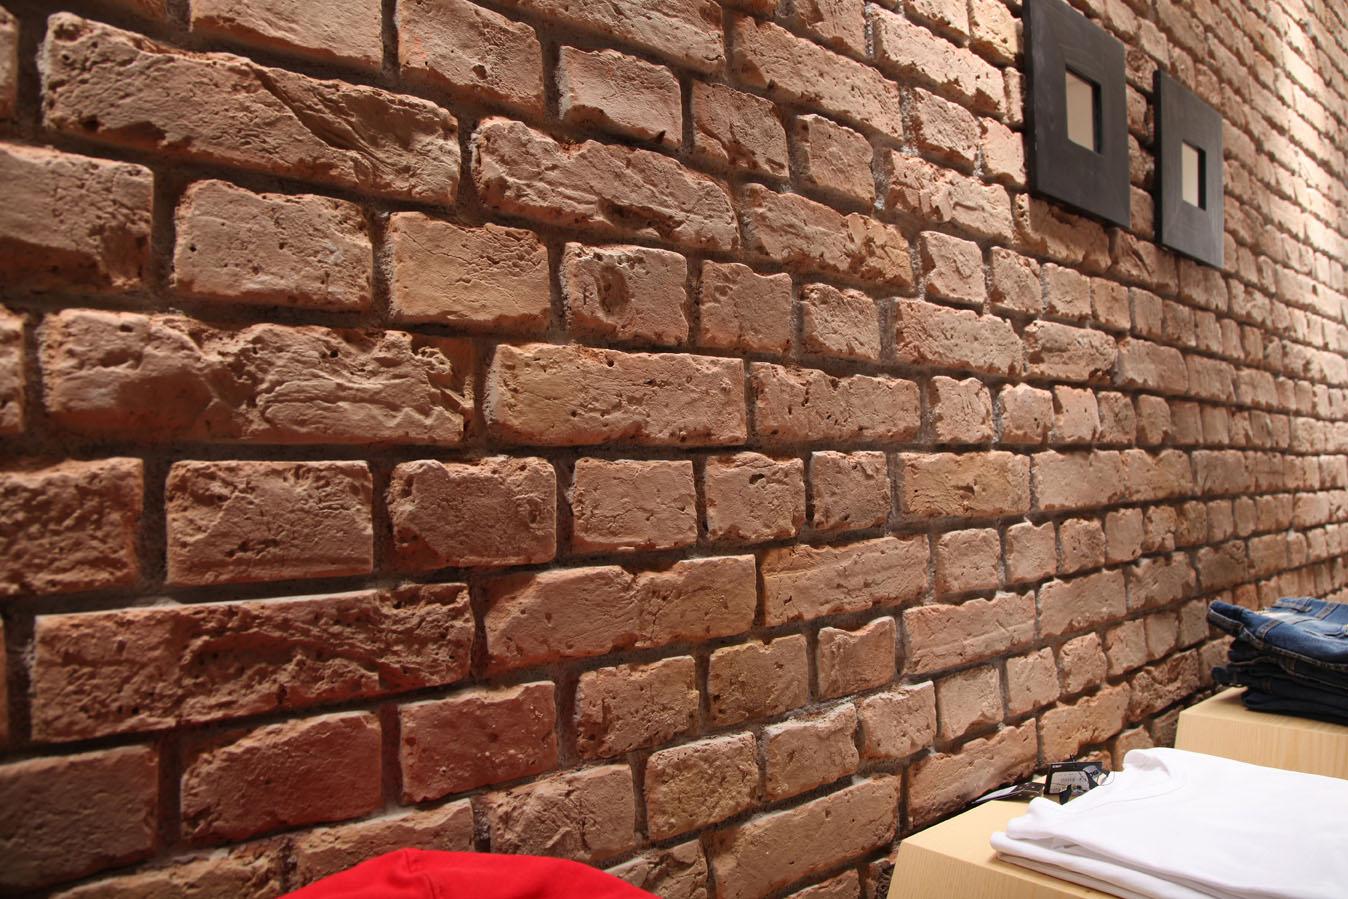 Old brick bbritish i ladrillo viejo ingles - Ladrillo caravista precios ...